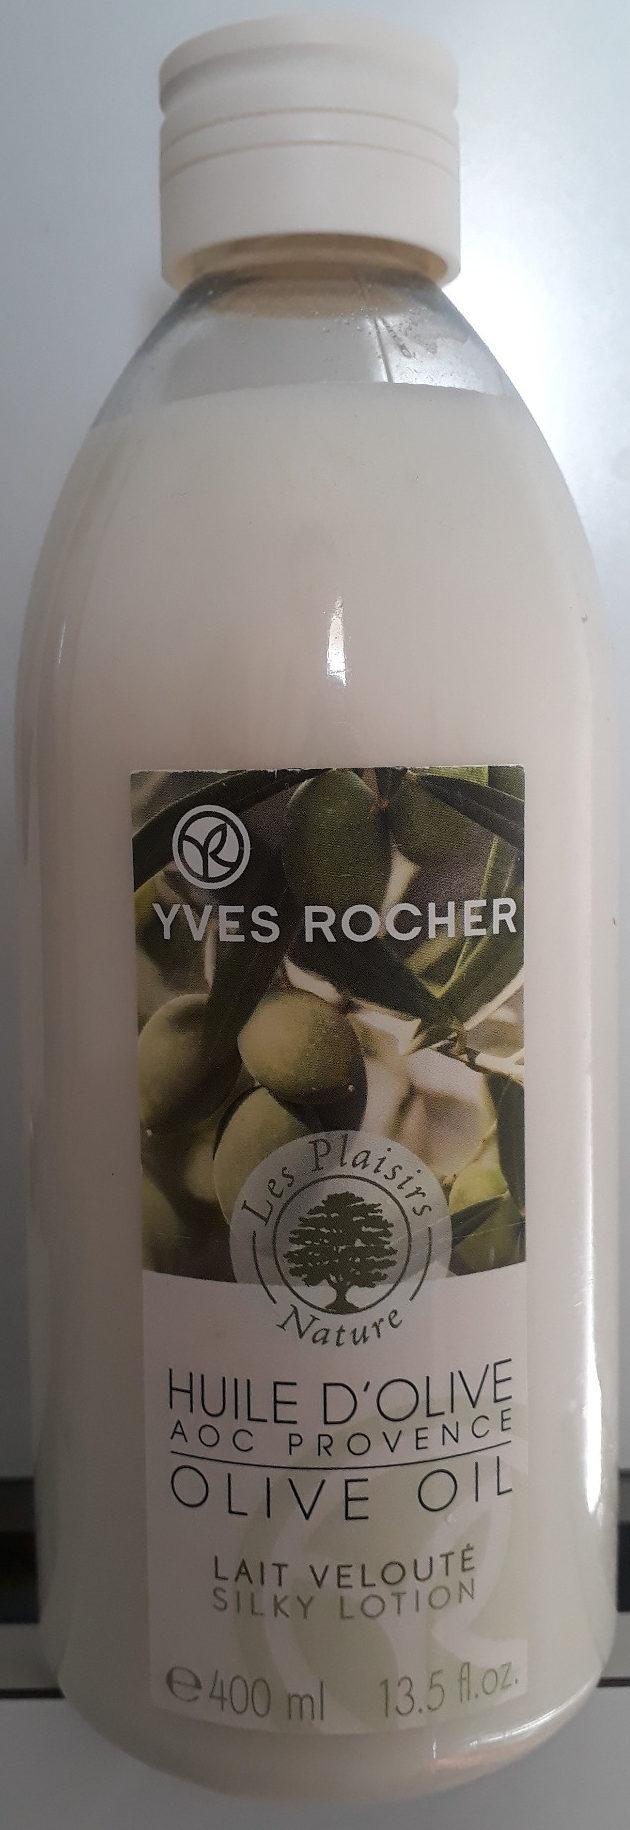 Lait velouté Huile d'olive AOC Provence - Produit - fr